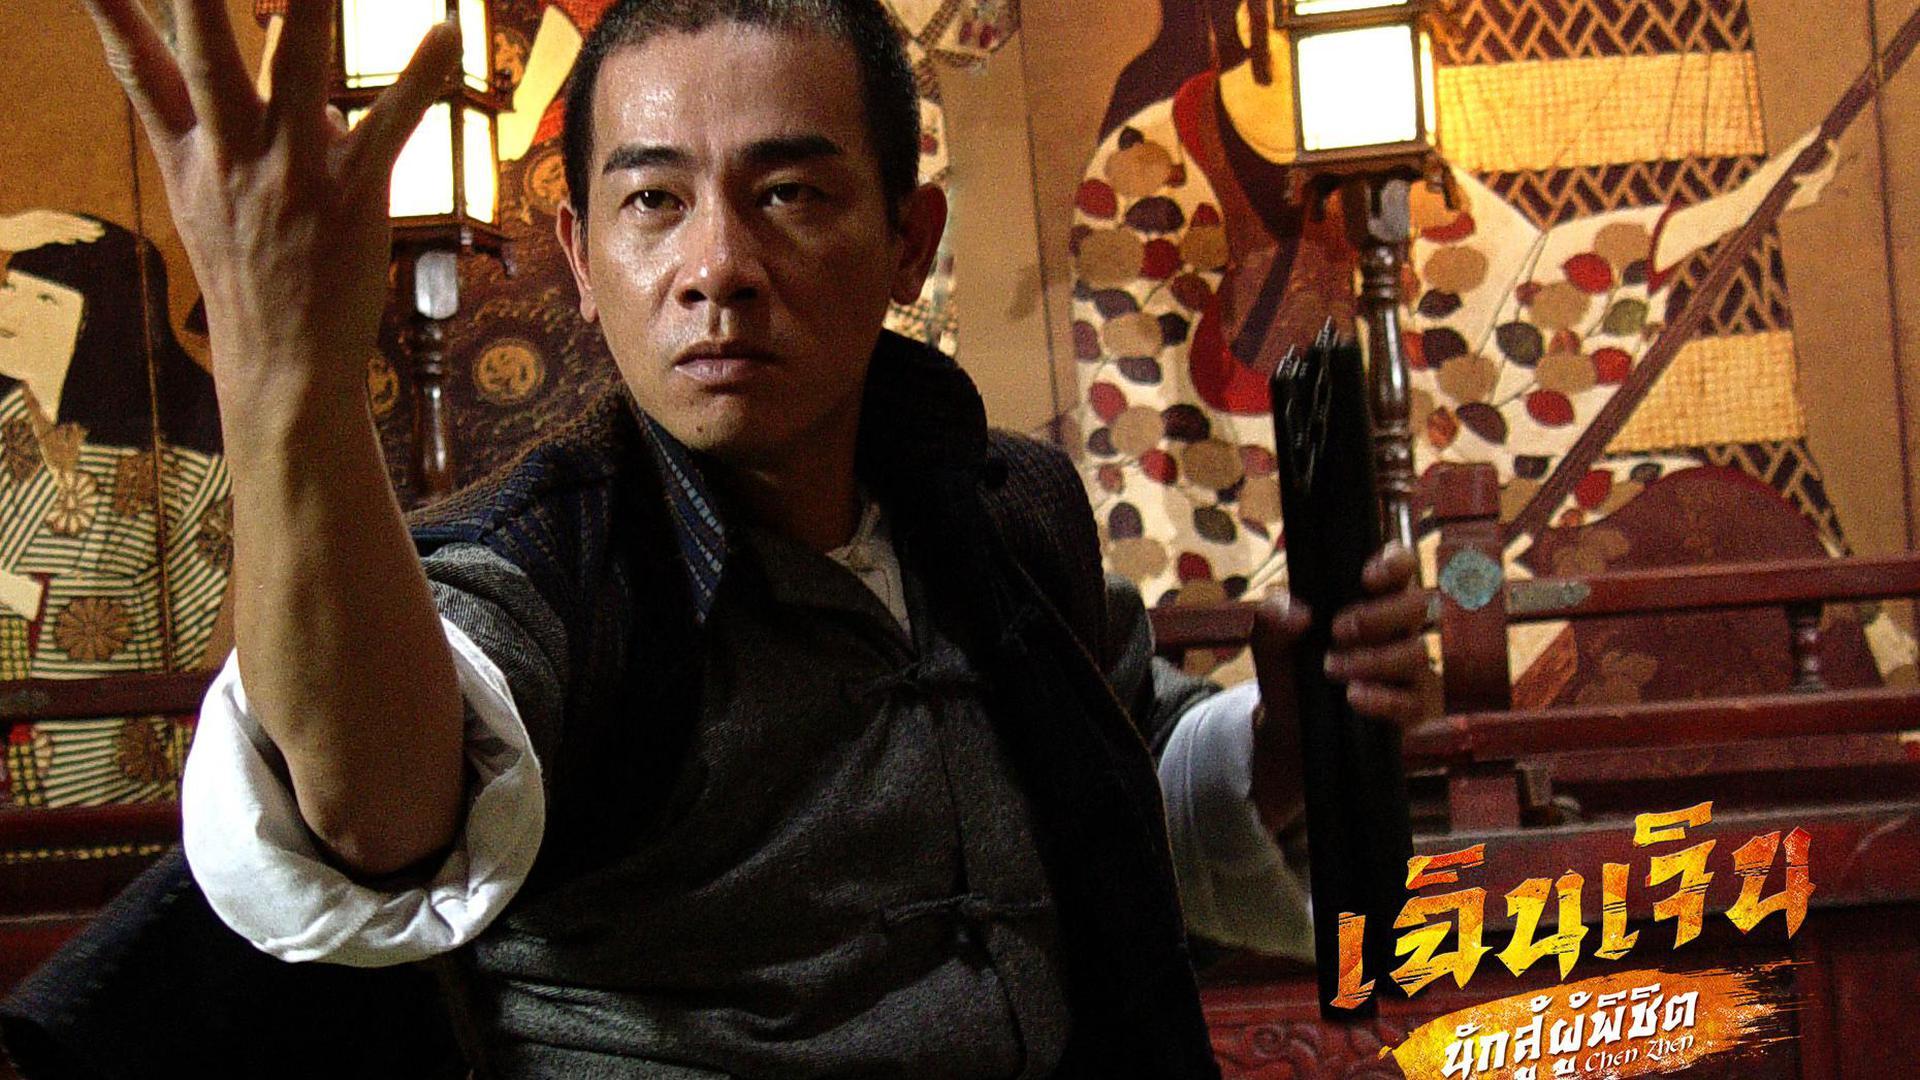 Chen Zhen เฉินเจิน นักสู้ผู้พิชิต